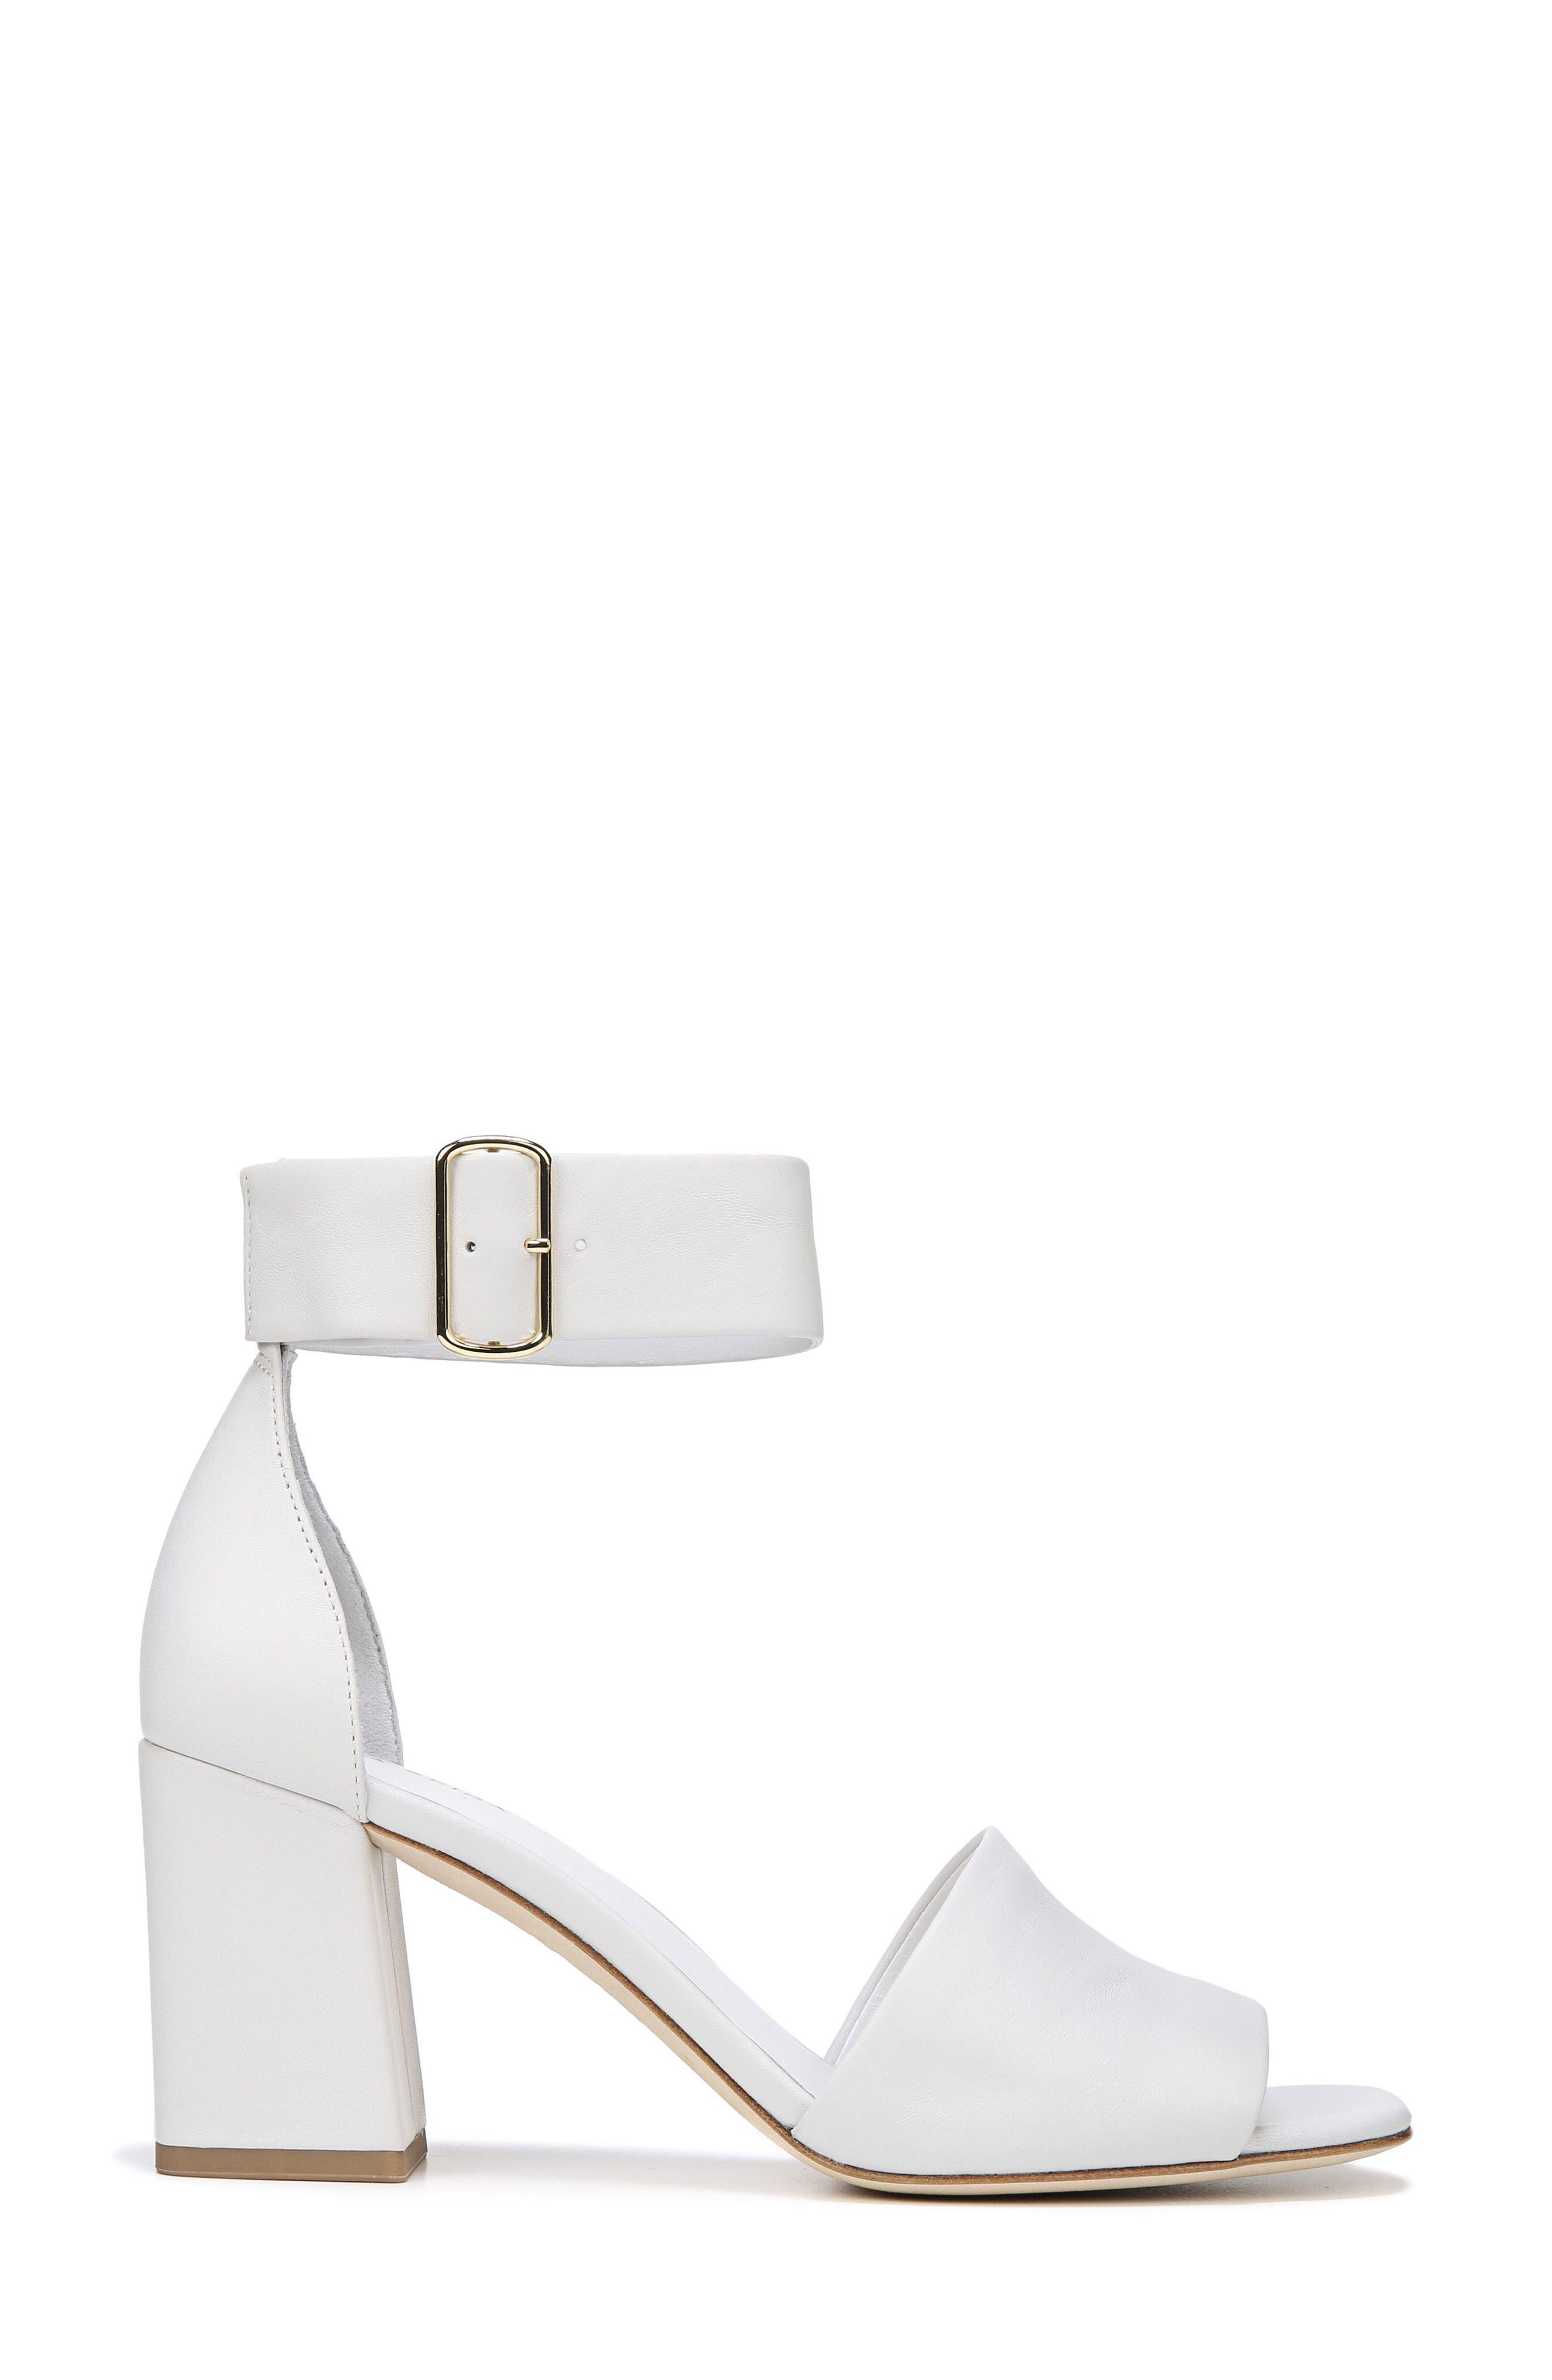 Evonne Ankle Strap Sandal,                             Alternate thumbnail 3, color,                             100